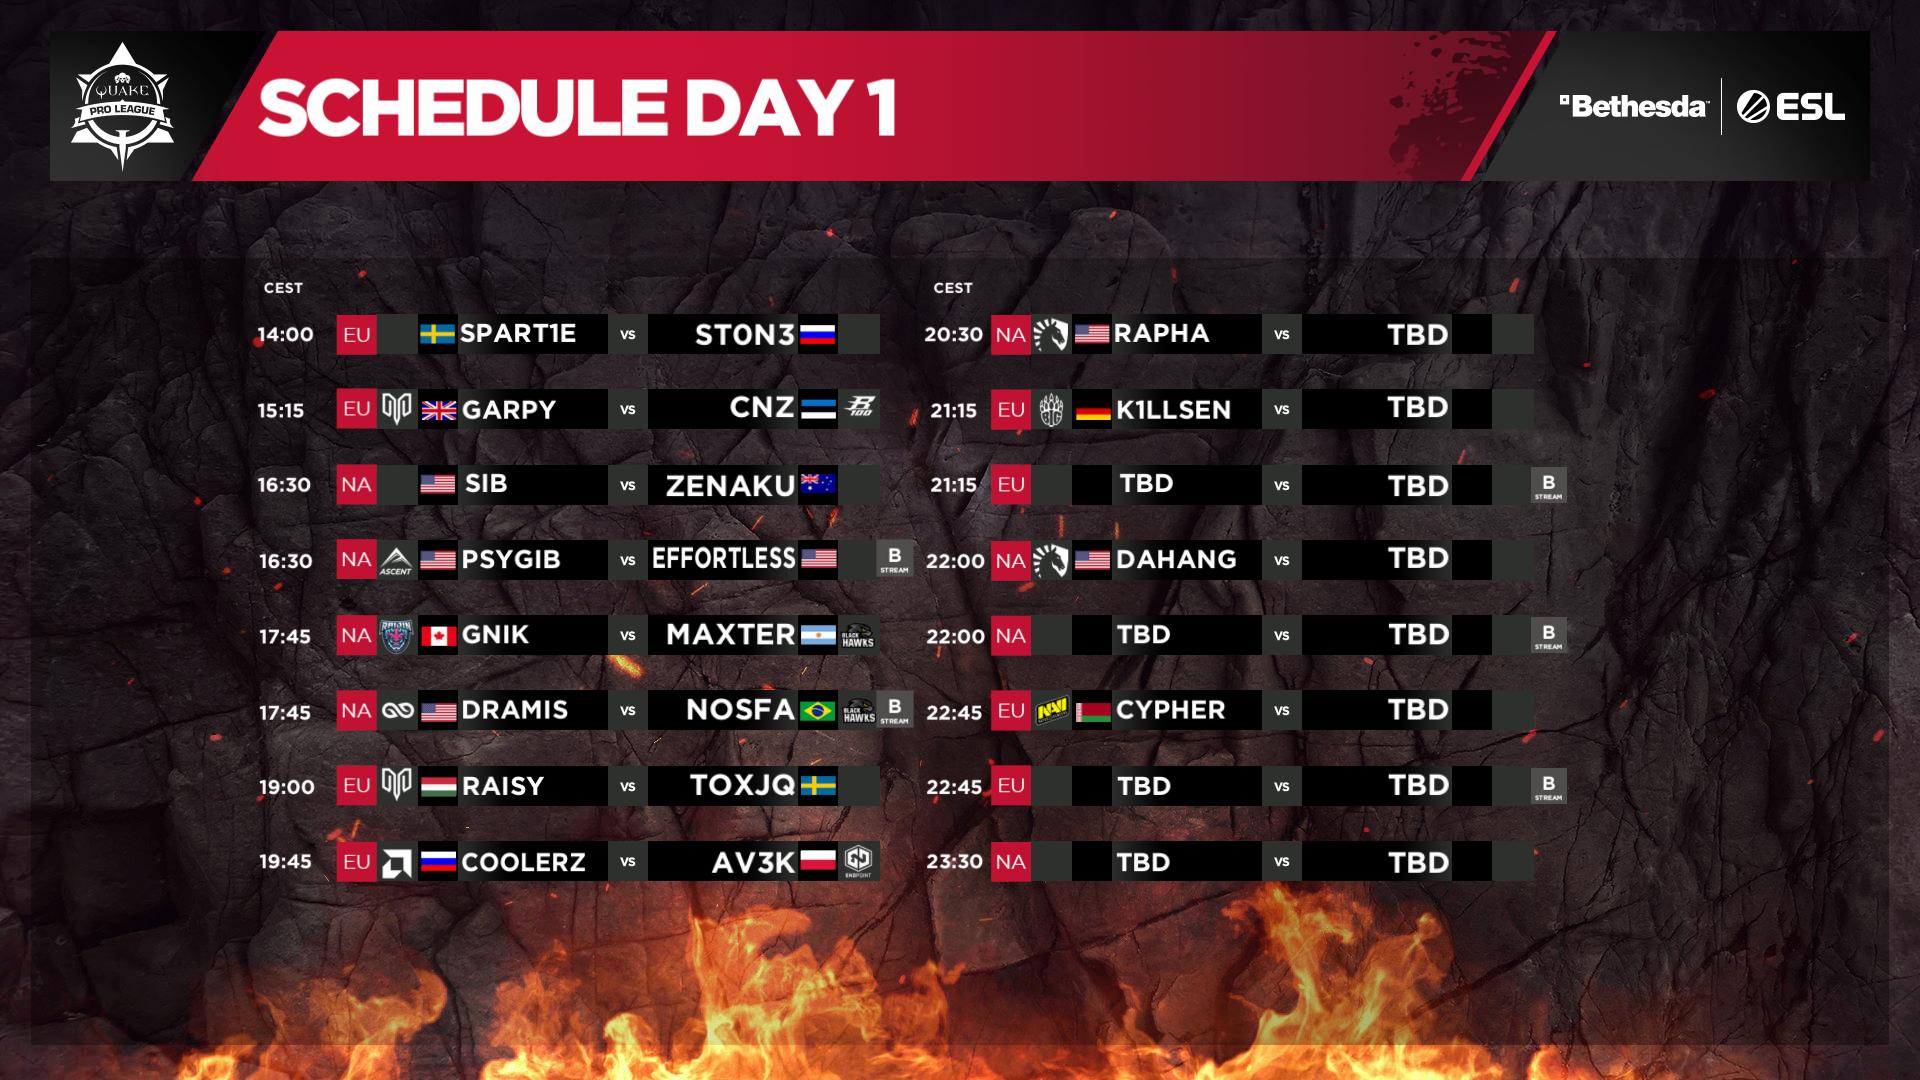 FS Schedule DAY1 (2)